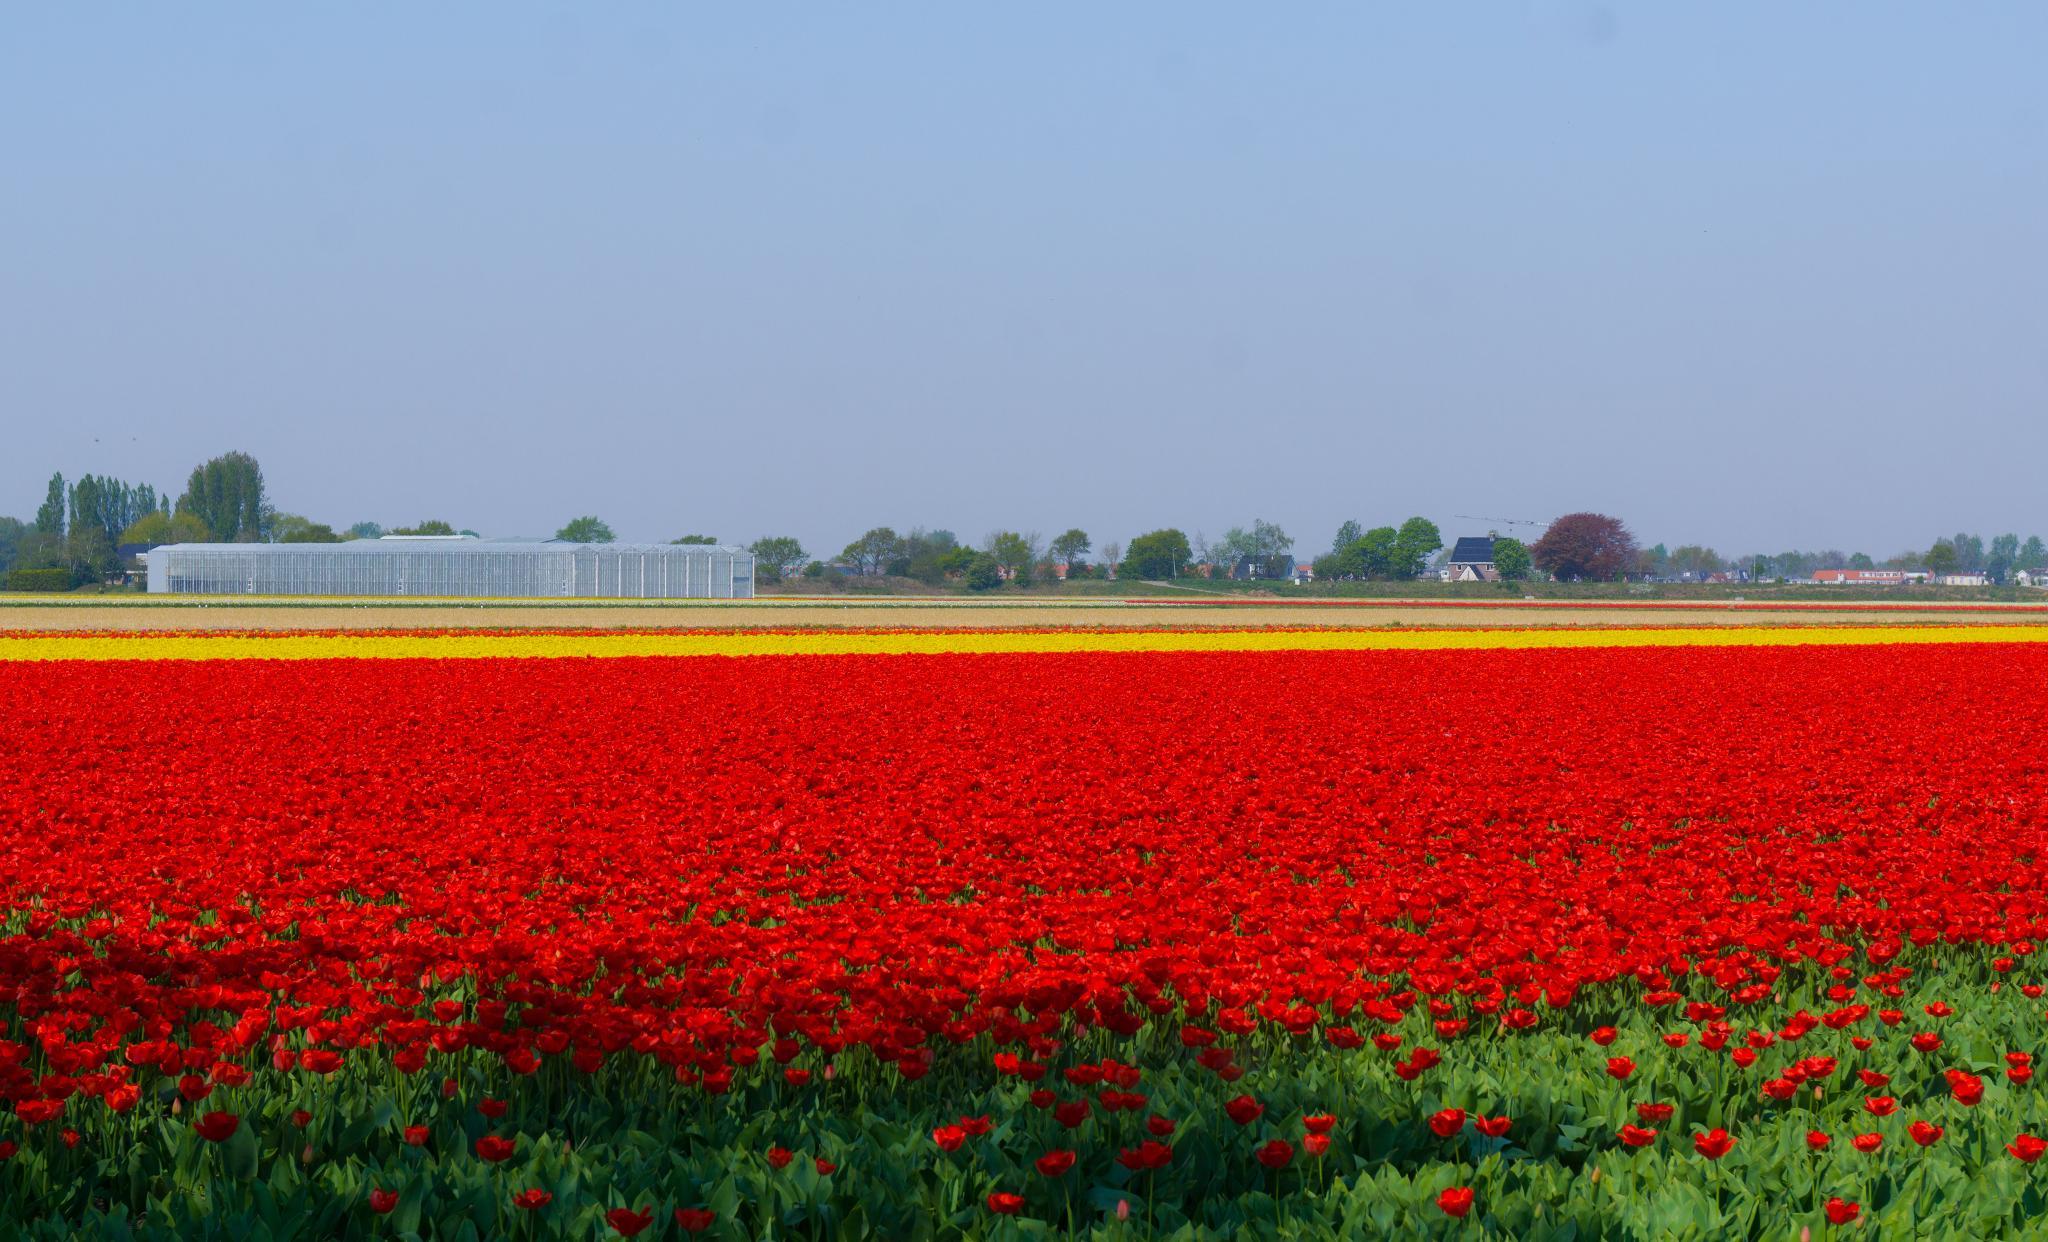 【荷蘭印象】花田嬉事:荷蘭單車花之路 43